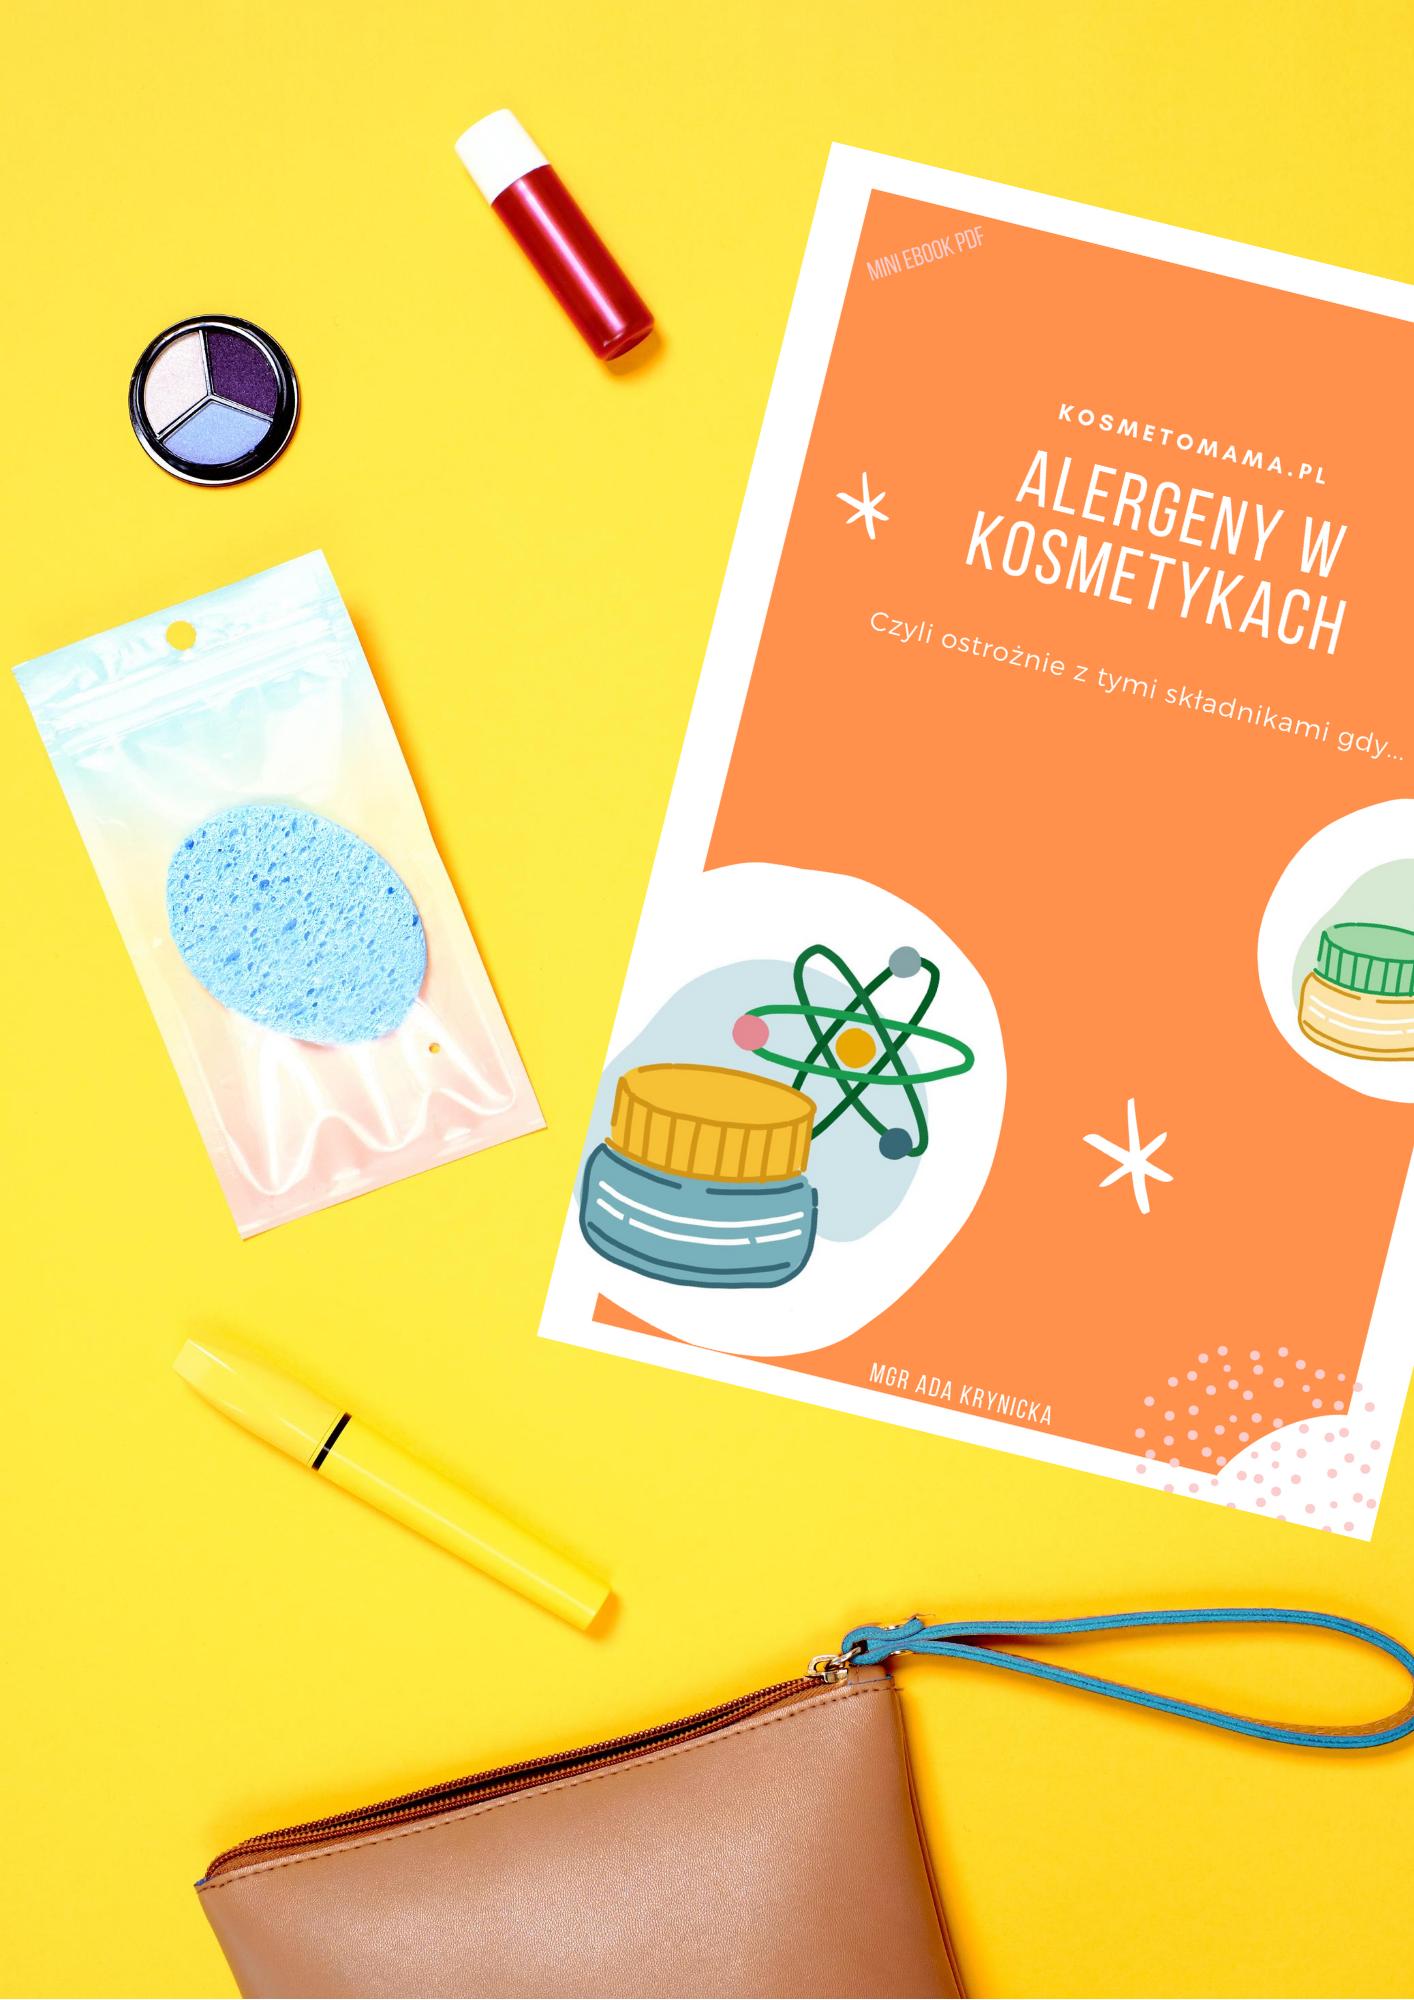 alergeny-w-kosmetykach-czyli-jakich-składników-unikac-ebook